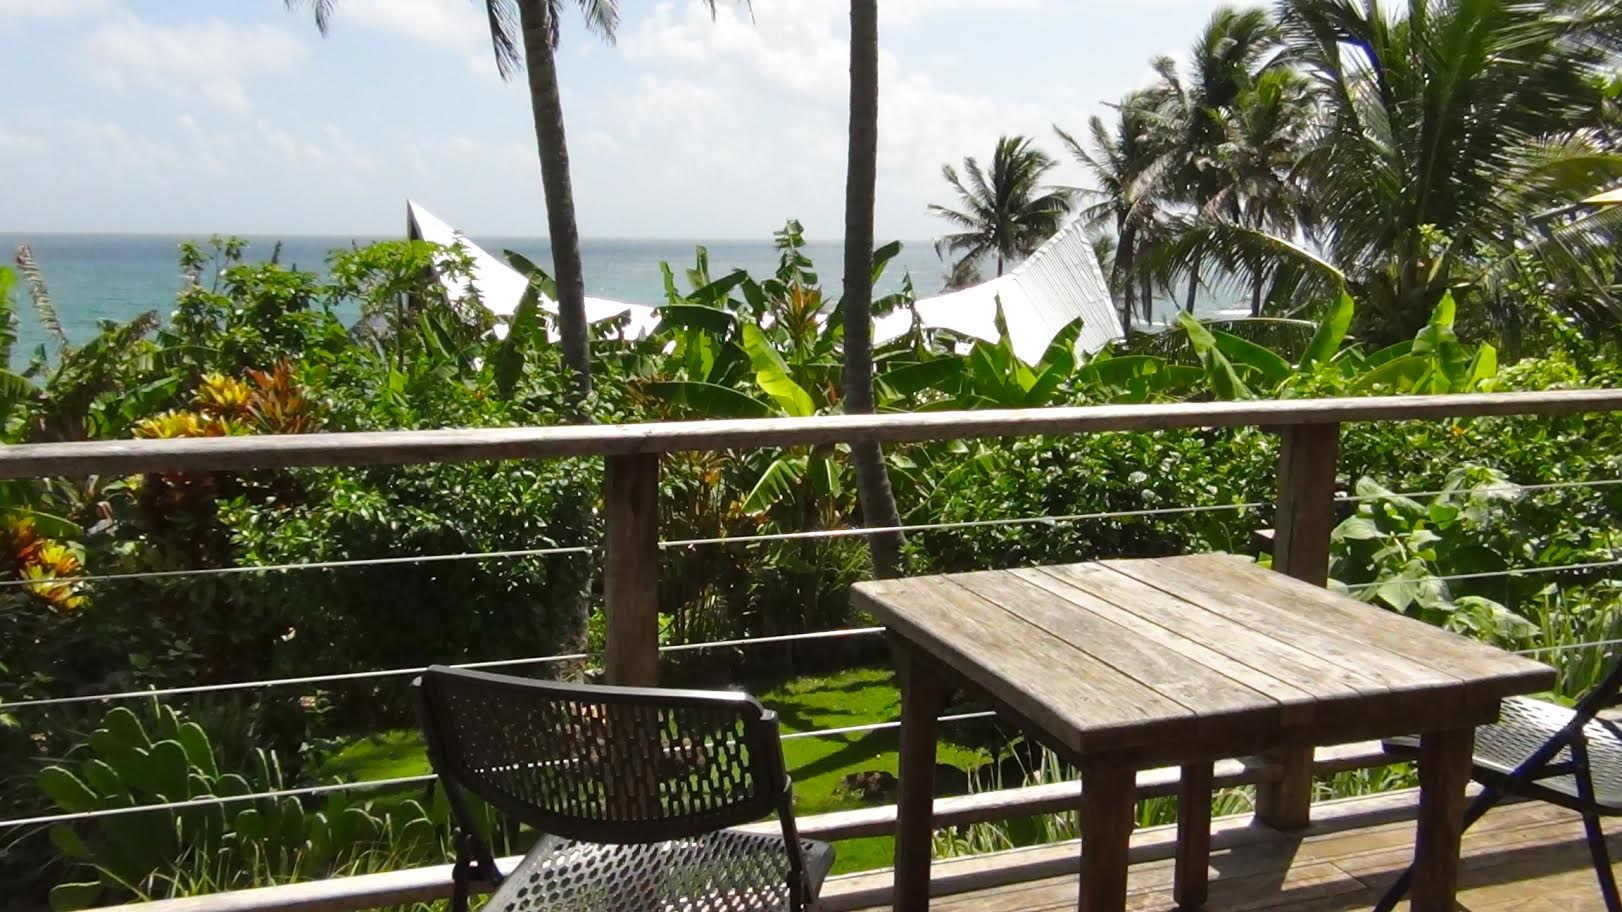 Los Escapados Eco-Cabin 1 ocean views